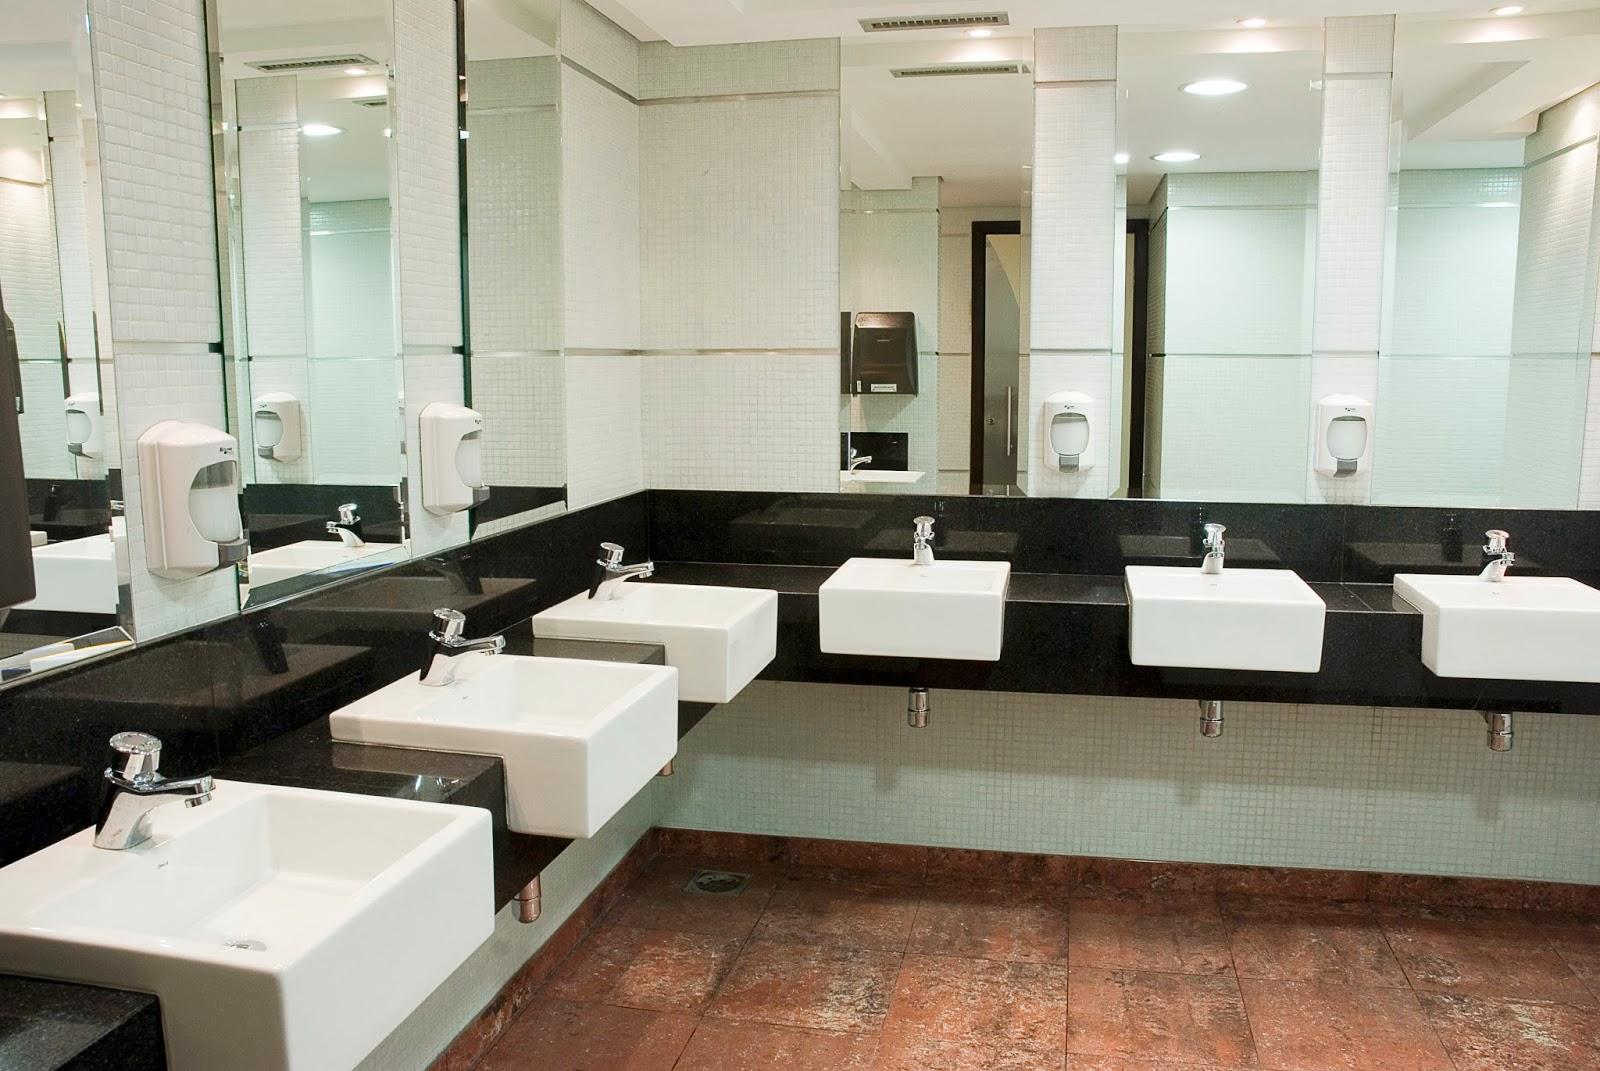 Fazemos Projetos: Soluções para banheiros sem janela. #8D593E 1600 1071